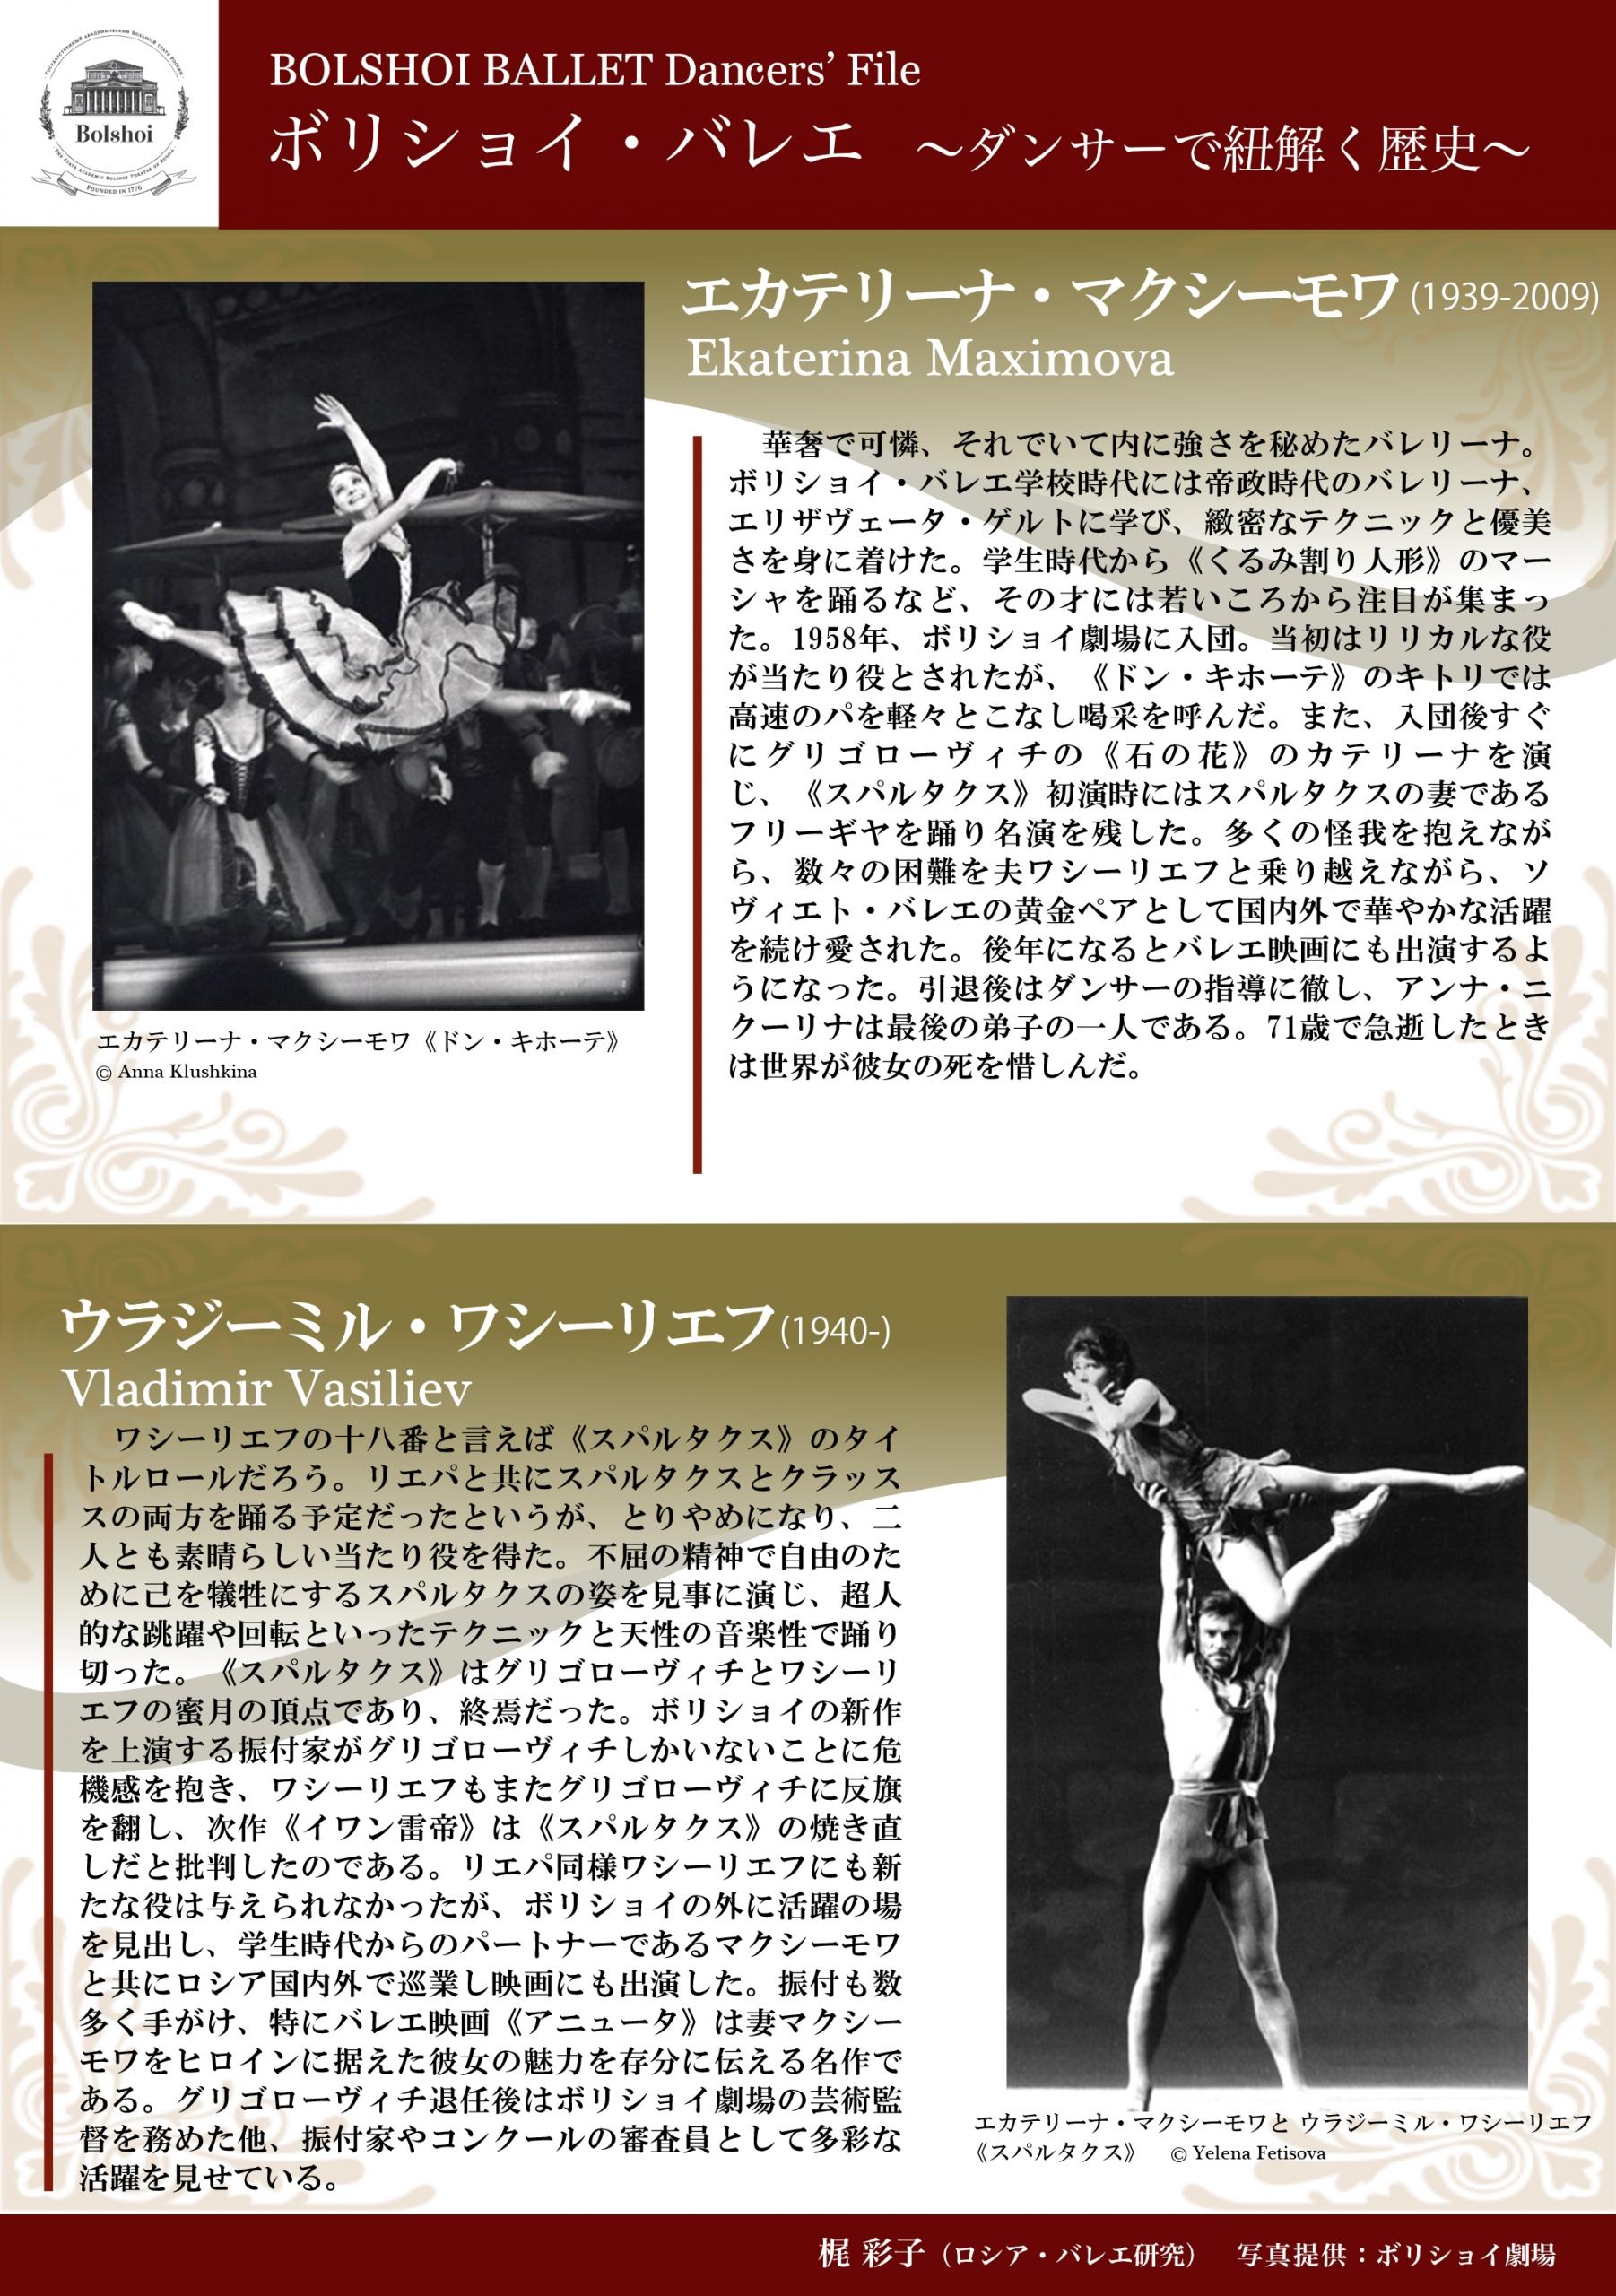 ボリショイ・バレエ 〜ダンサーで紐解く歴史〜vol.3